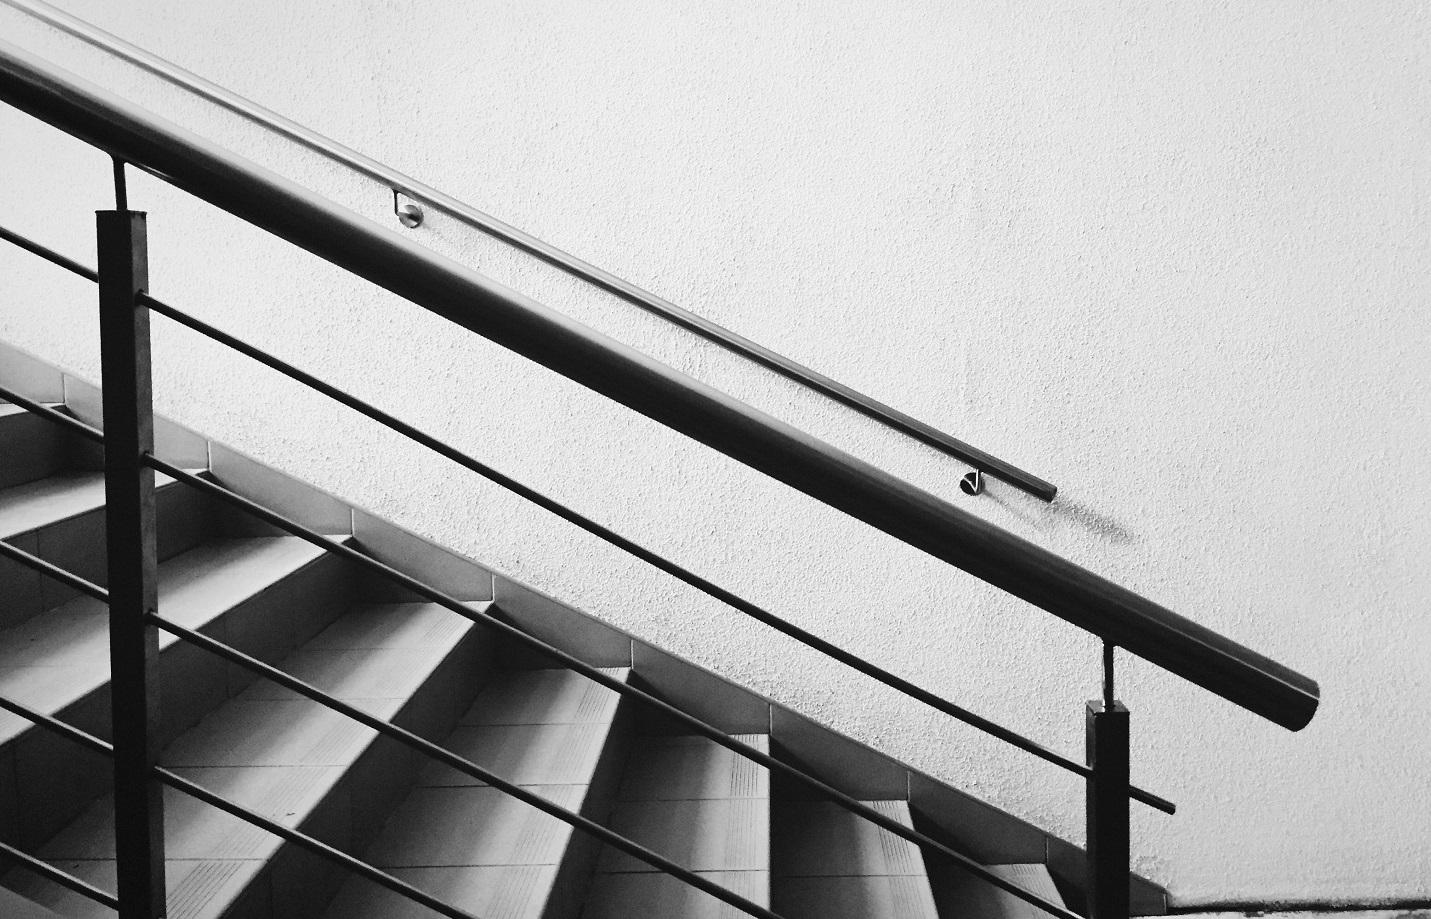 Peindre Une Cage D Escalier En 2 Couleurs décoration de l'escalier d'intérieur : montée, marches et